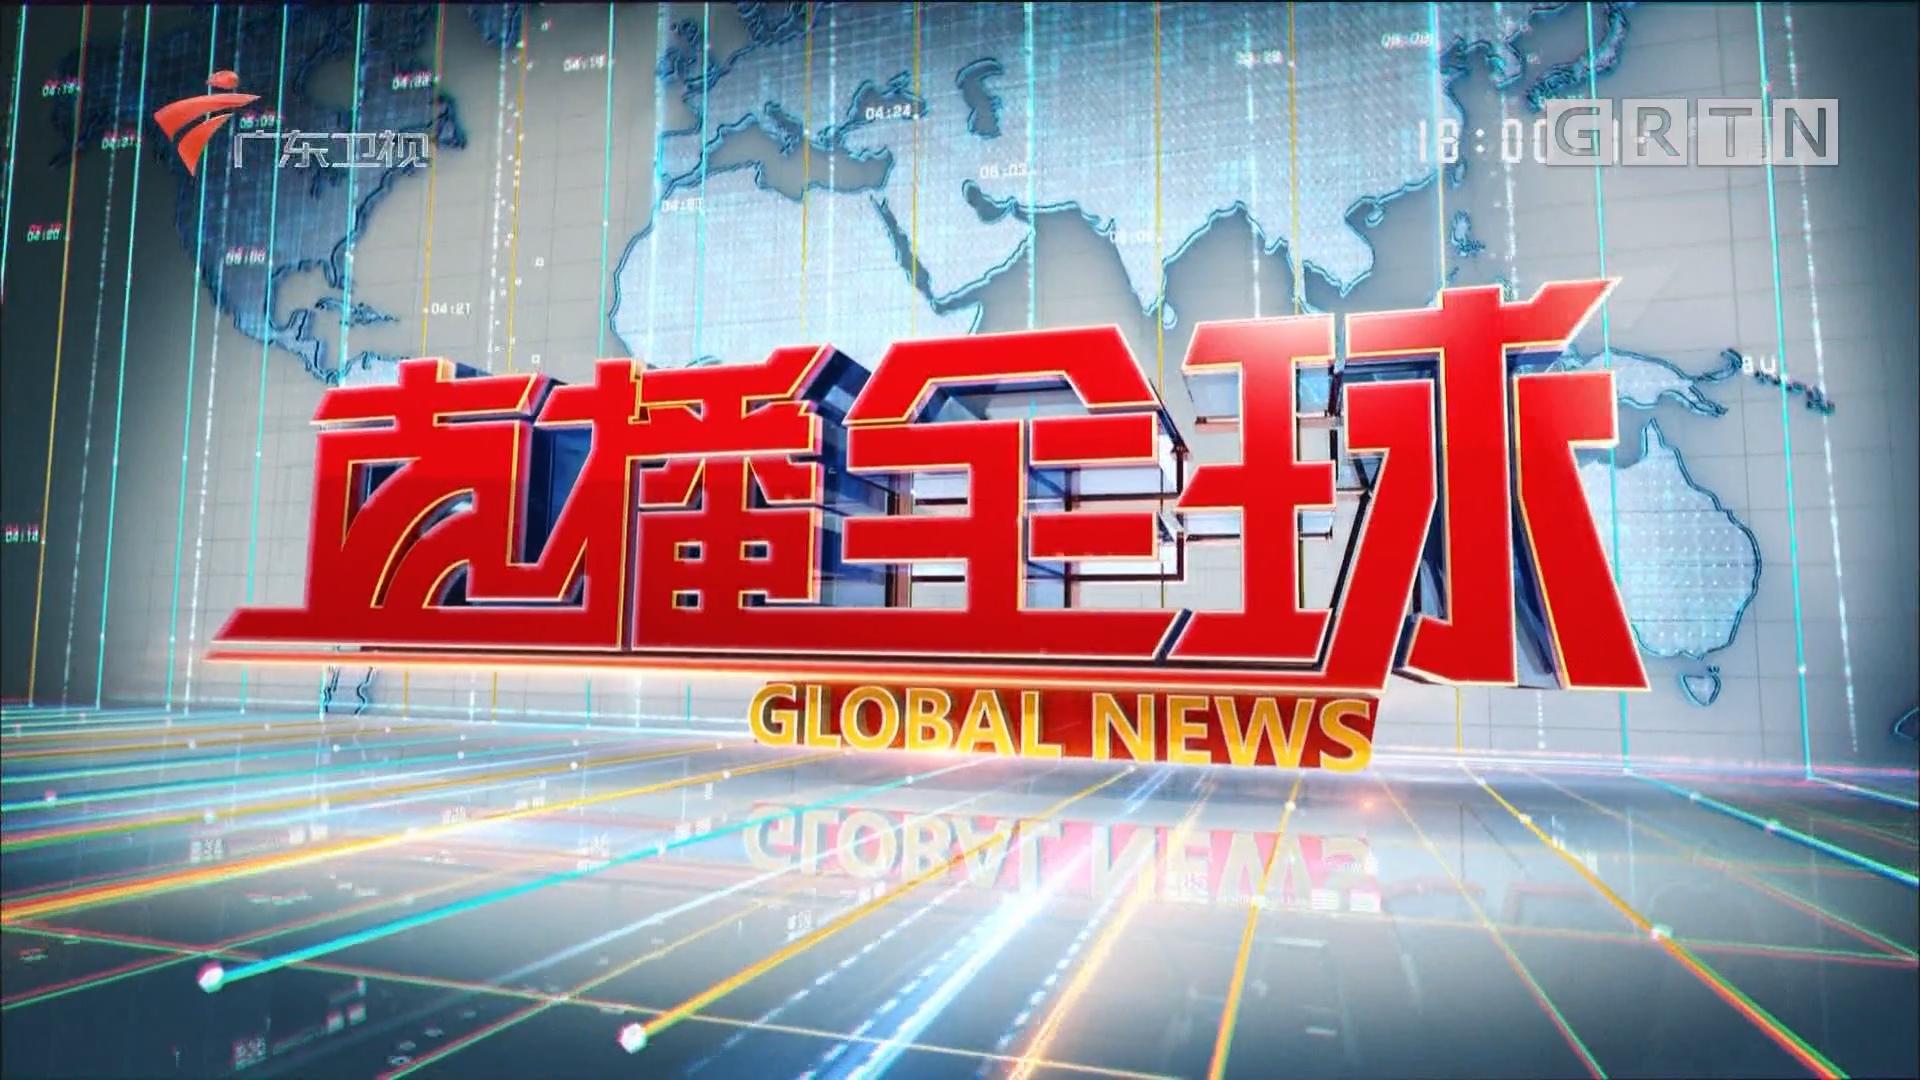 [HD][2018-11-05]直播全球:上海:全球物流企业龙头相聚服务贸易展区 致力于联通中国和全球市场